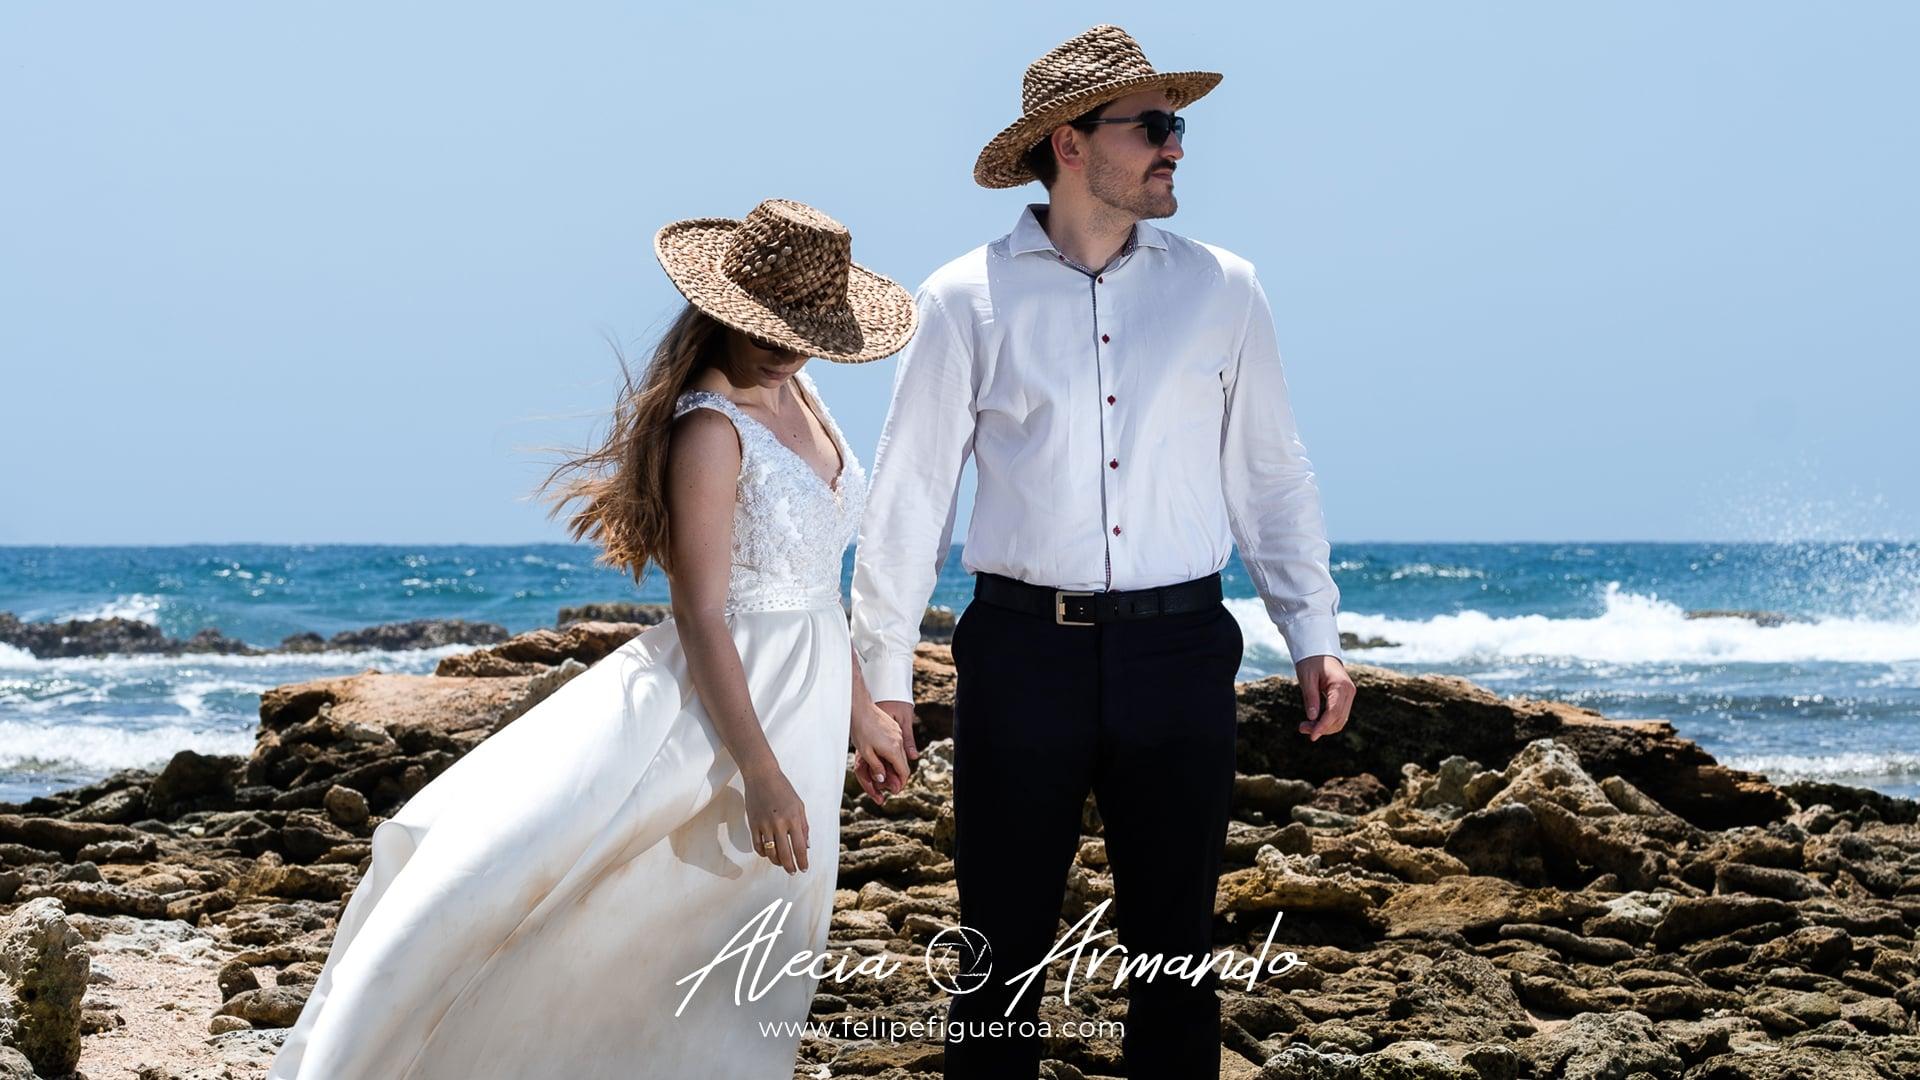 Alecia + Armando